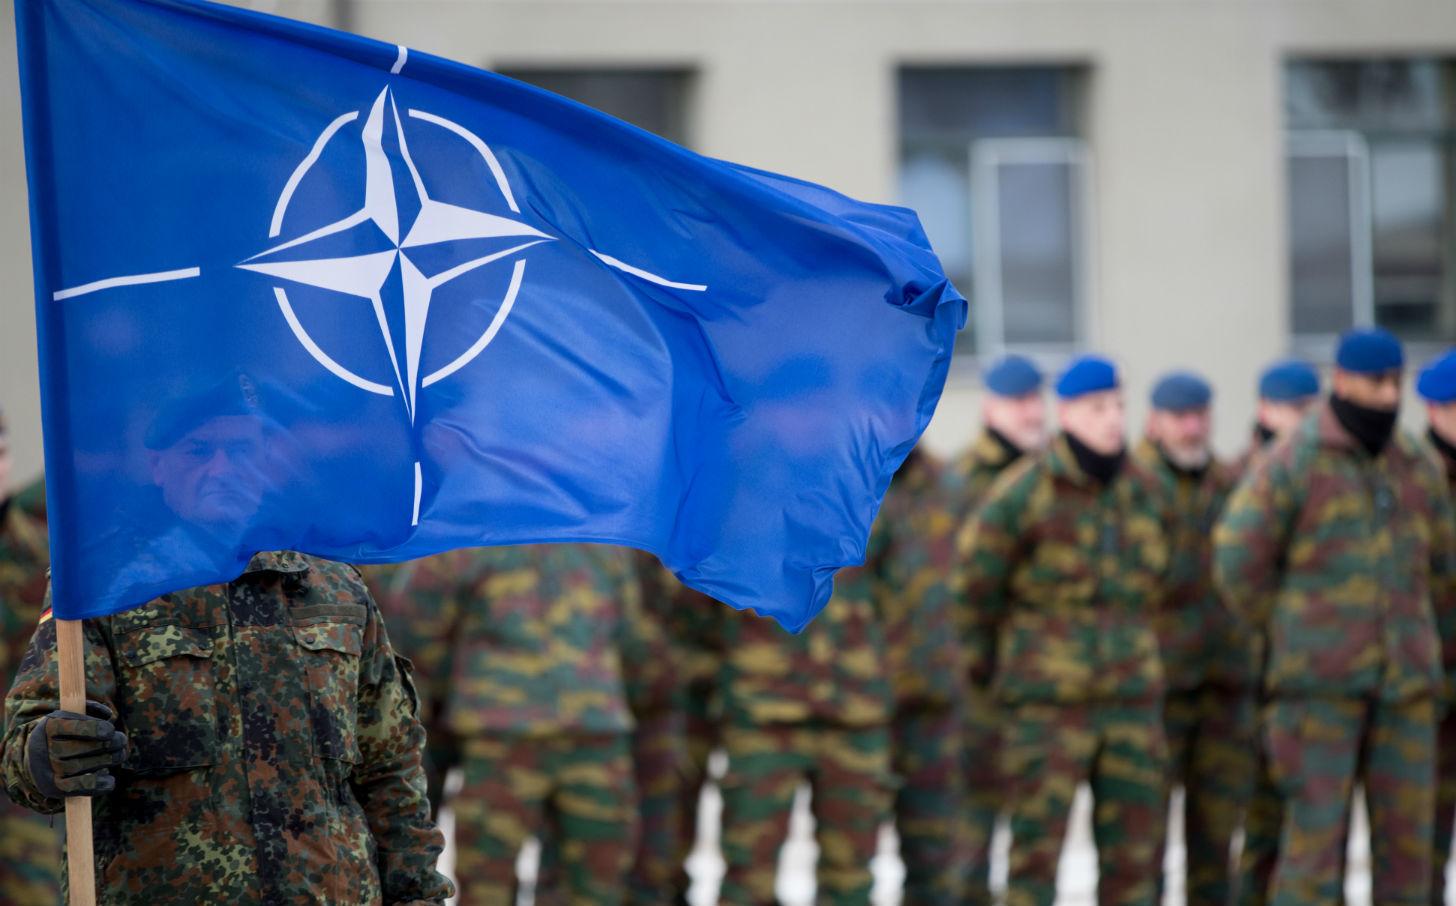 Если не можешь пока предоставить вступление в НАТО и ЕС, то можно ведь провести референдум по этому вопросу, чтобы «окончательно закрепить курс страны»